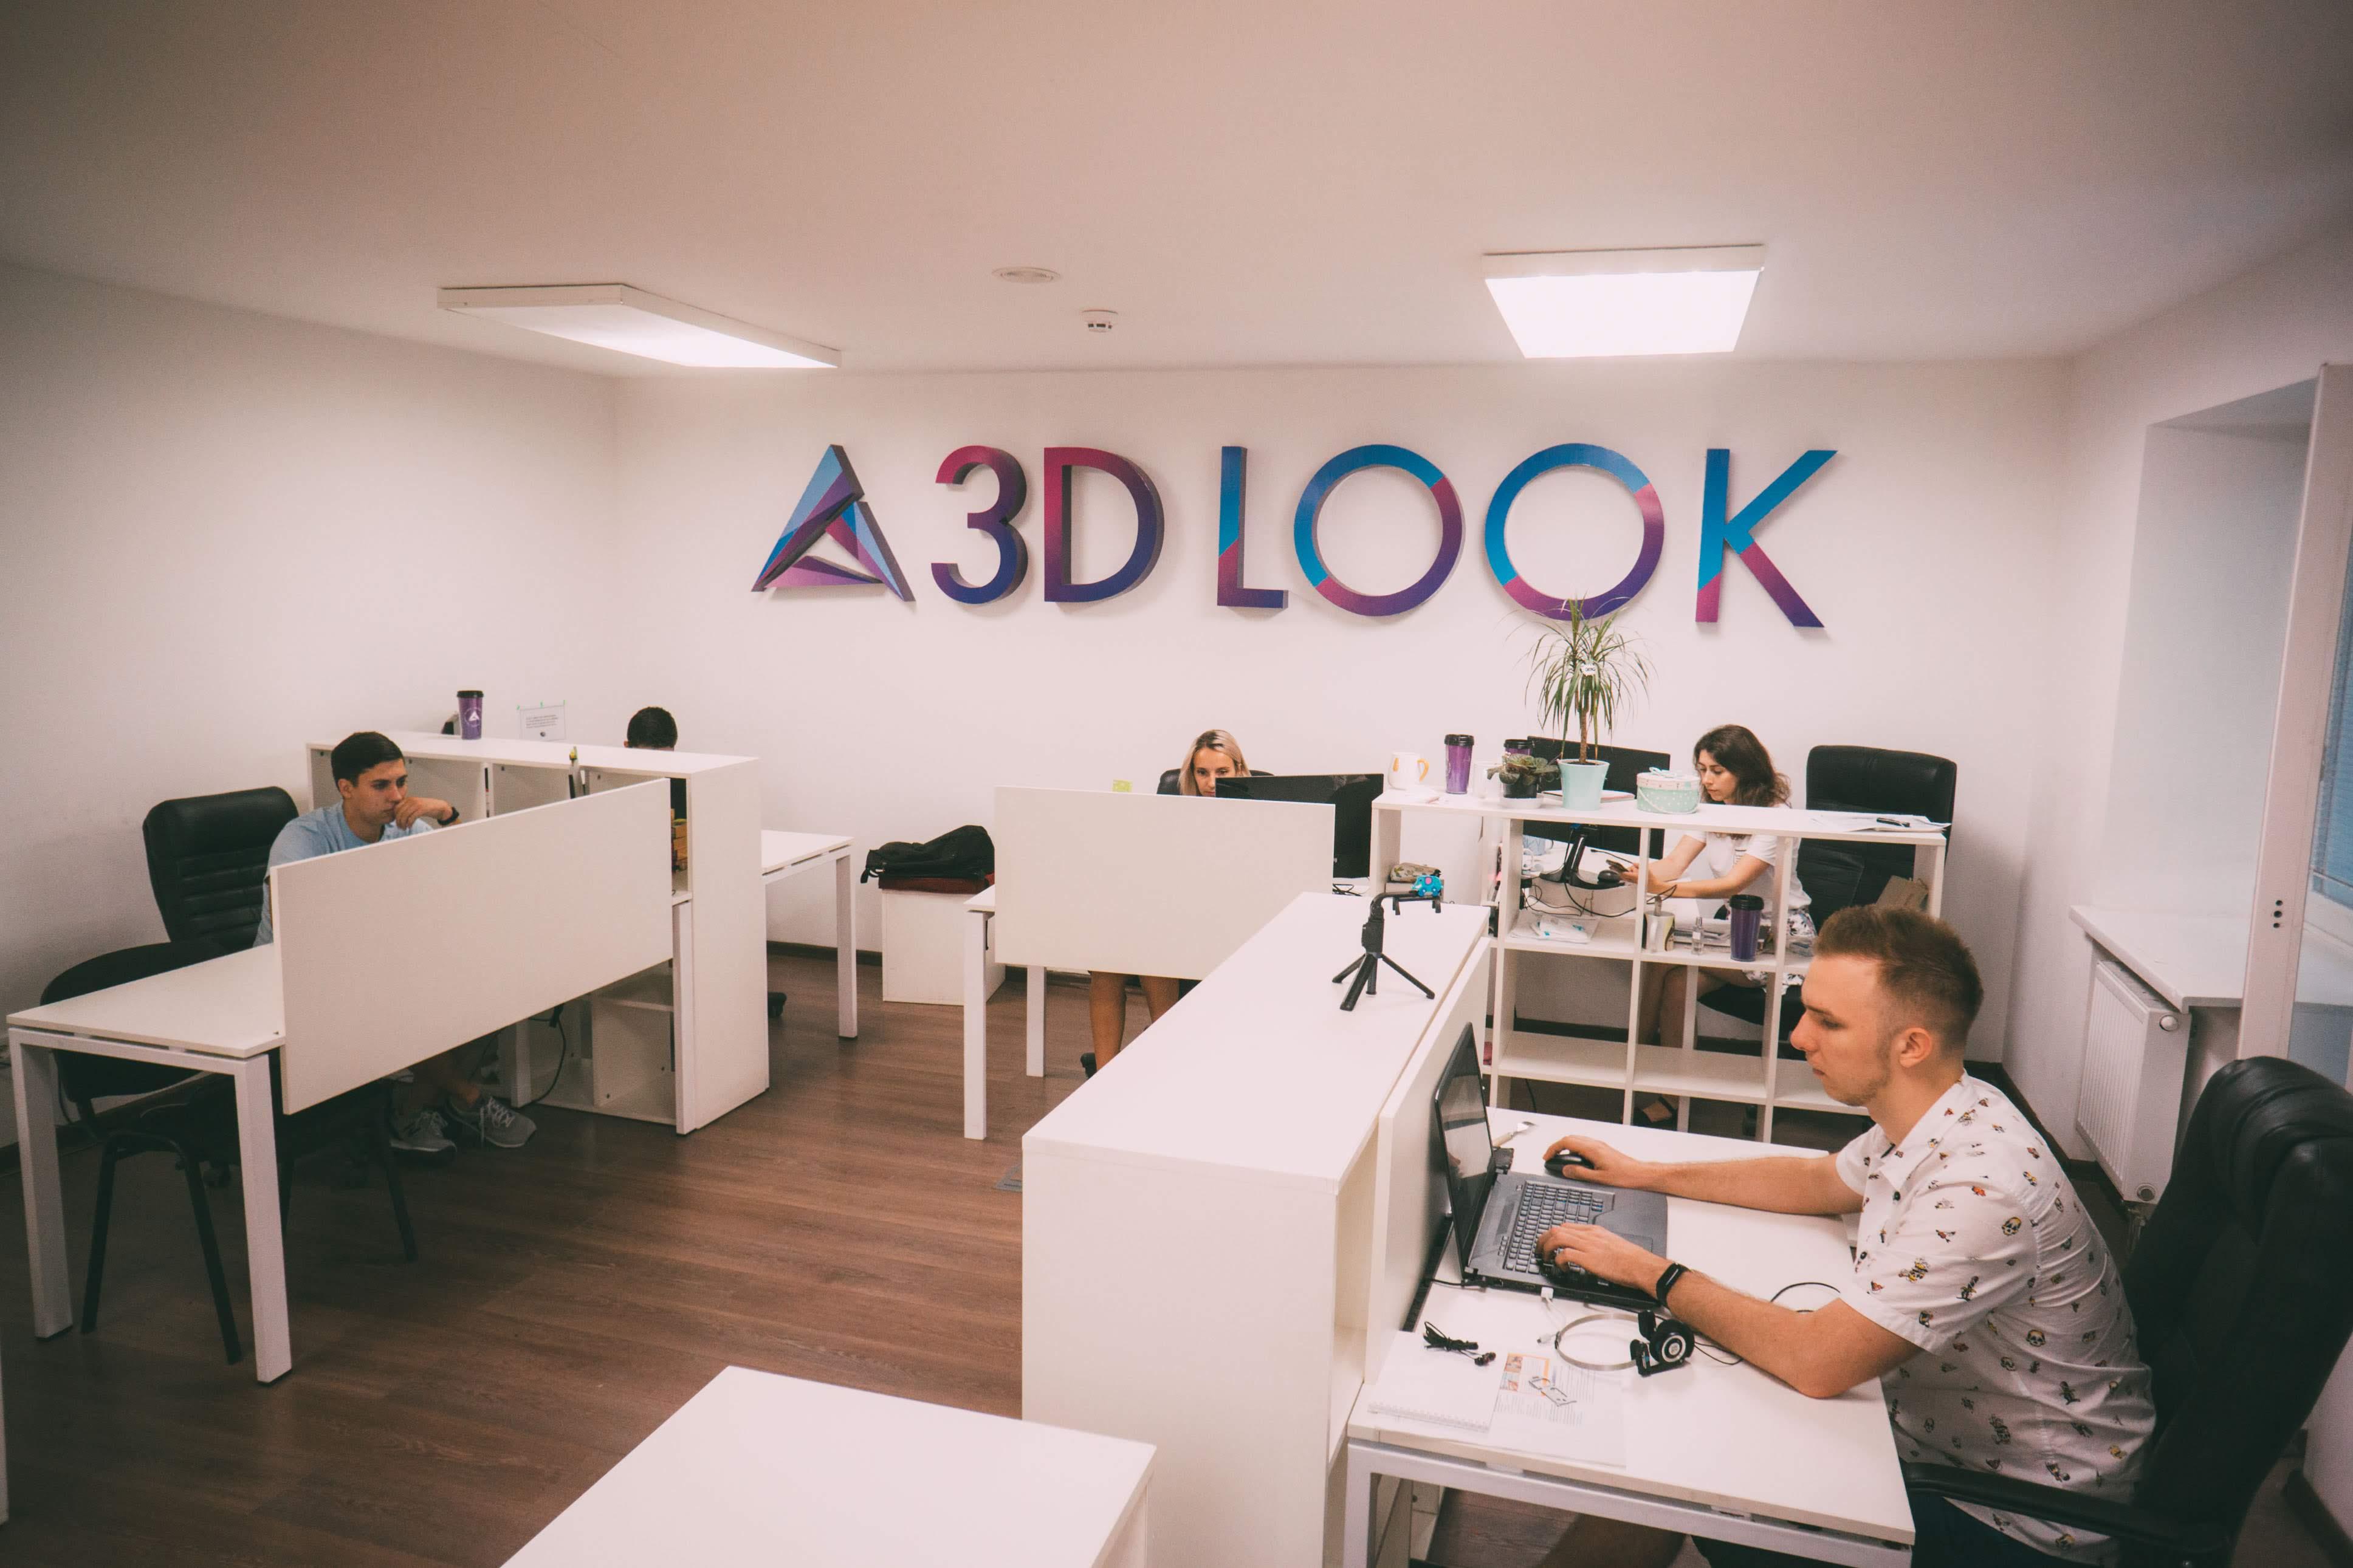 Офис 3DLOOK